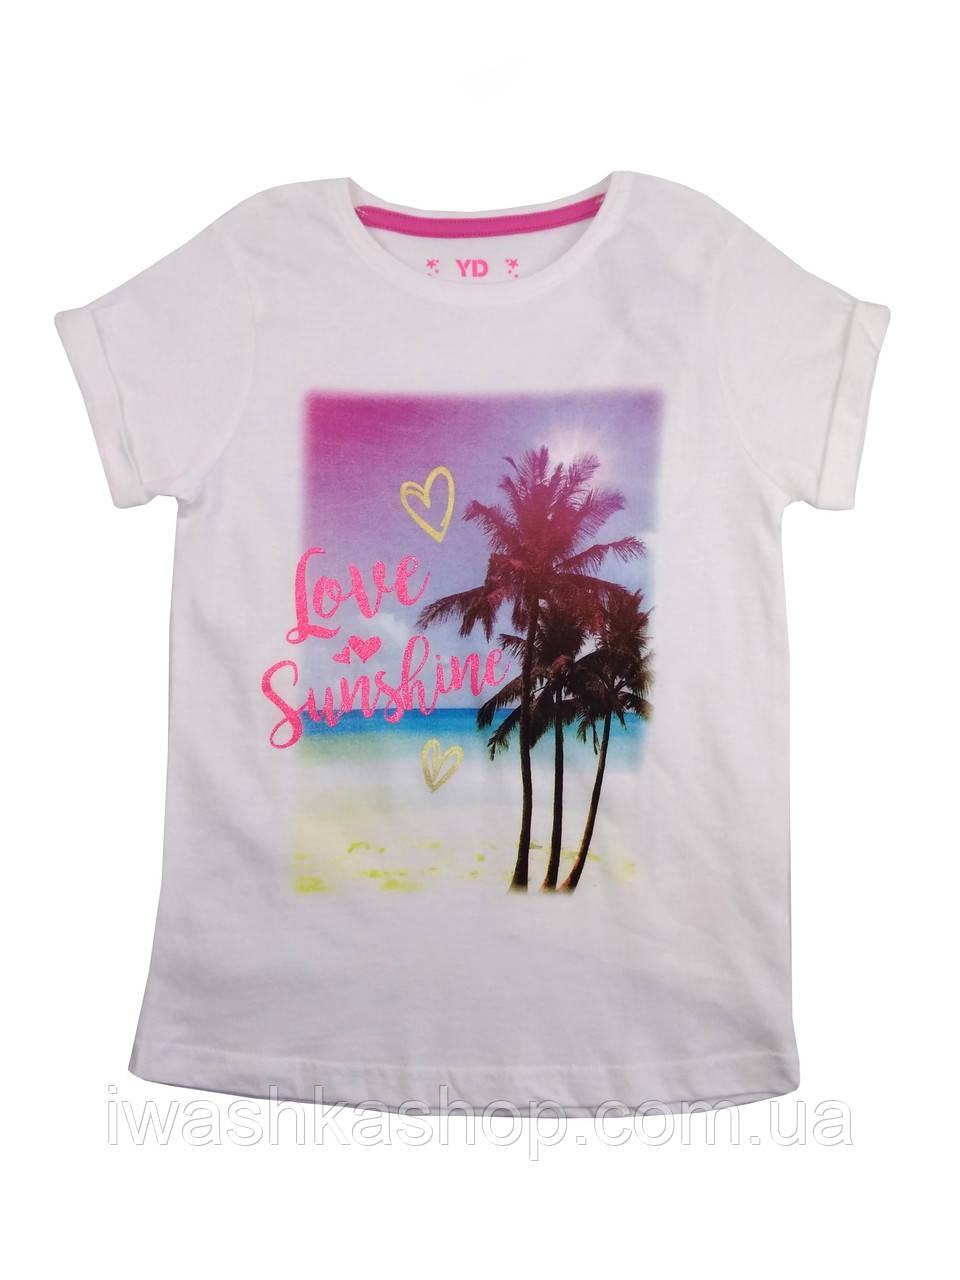 Стильная белая футболка с принтом на девочку 8 - 9 лет, р. 134, Young Dimension by Primark